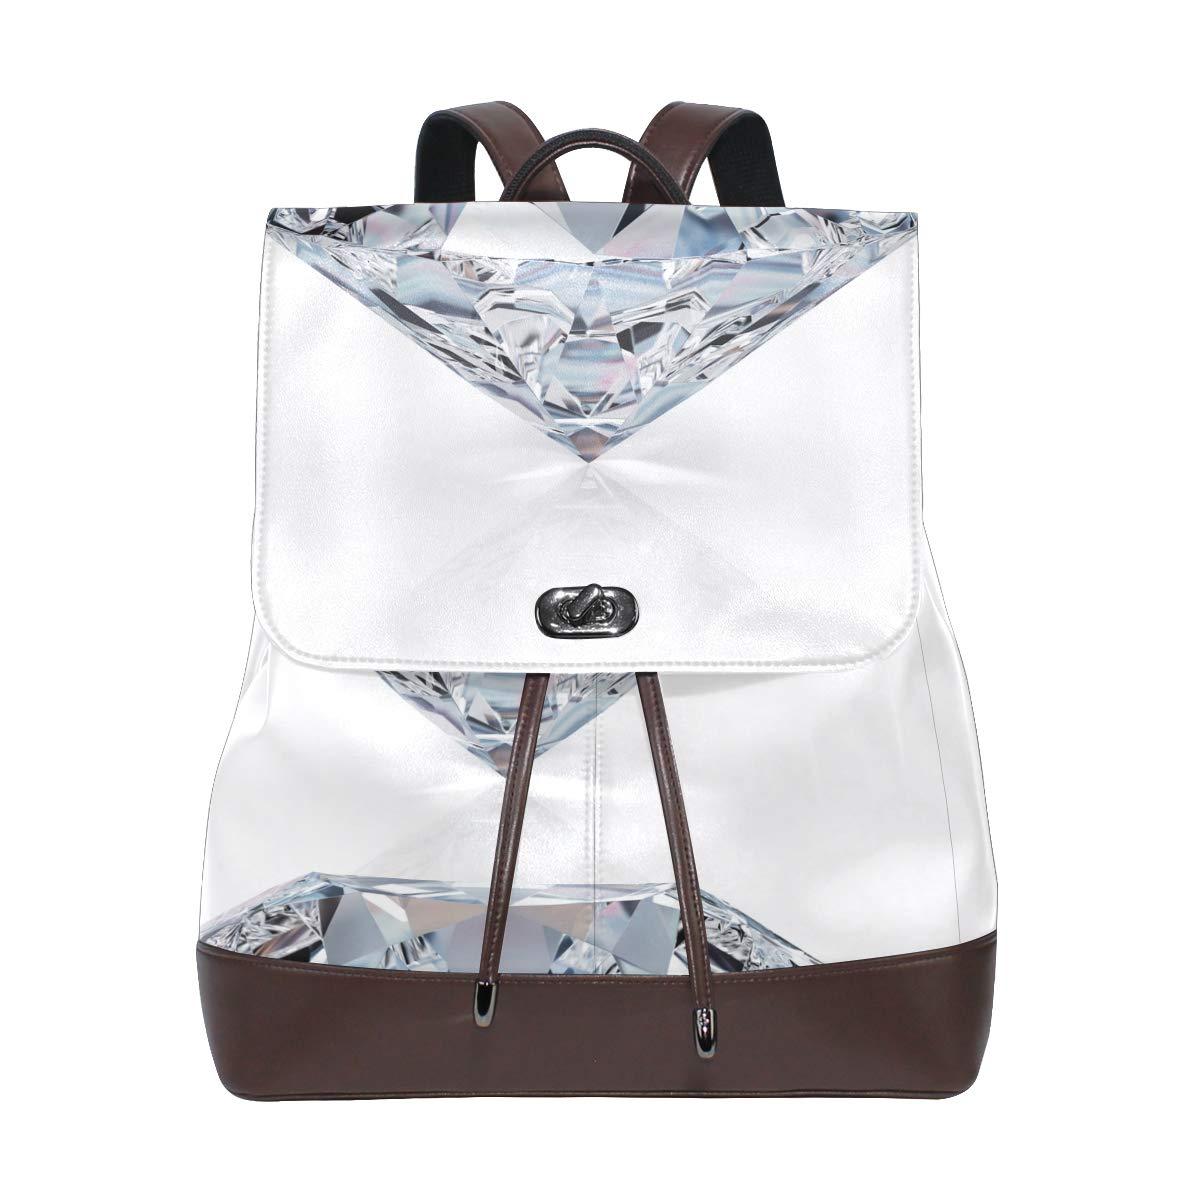 FAJRO en Brillant Diamondtravel Sac à Dos Cuir Sac à Main école Lot